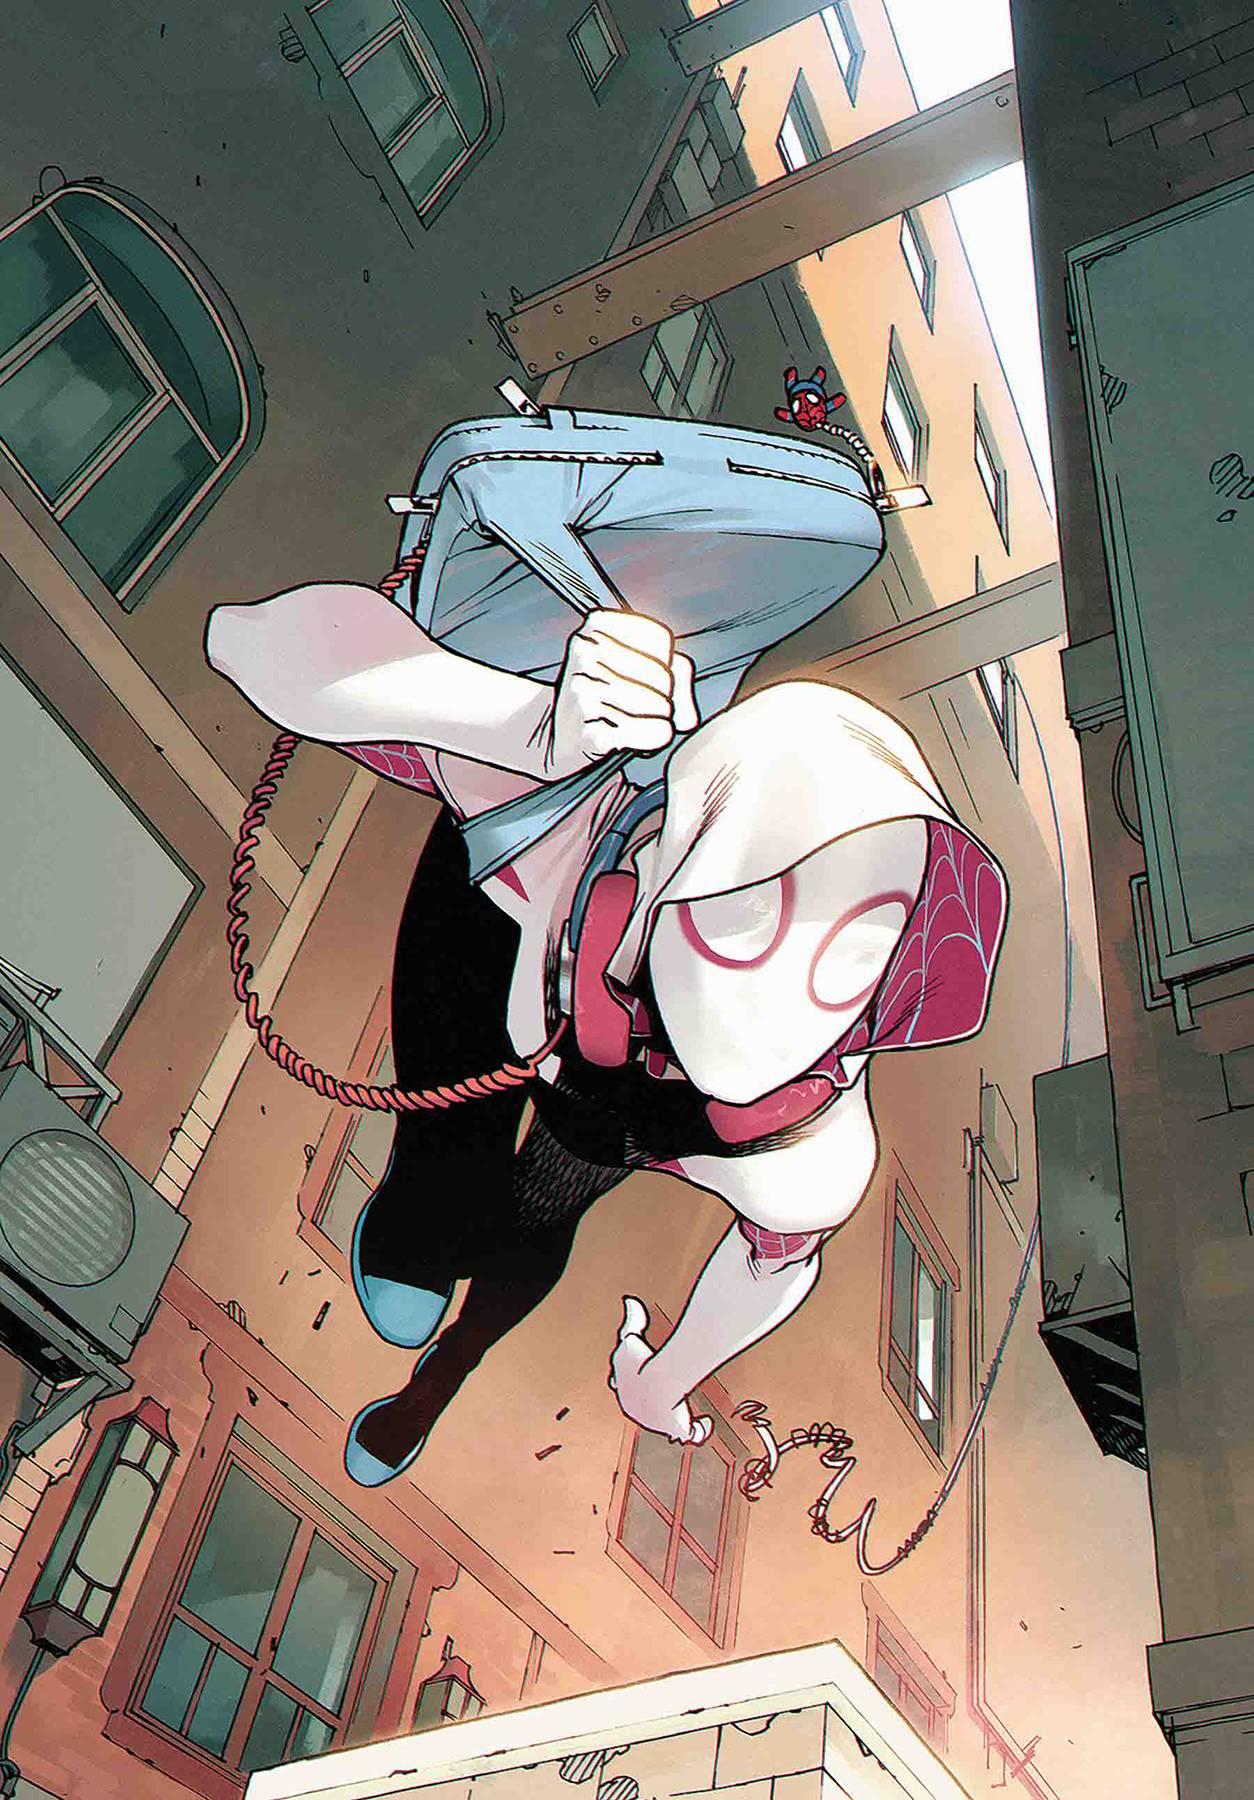 SPIDER-GWEN A.K.A. GHOST SPIDER #1